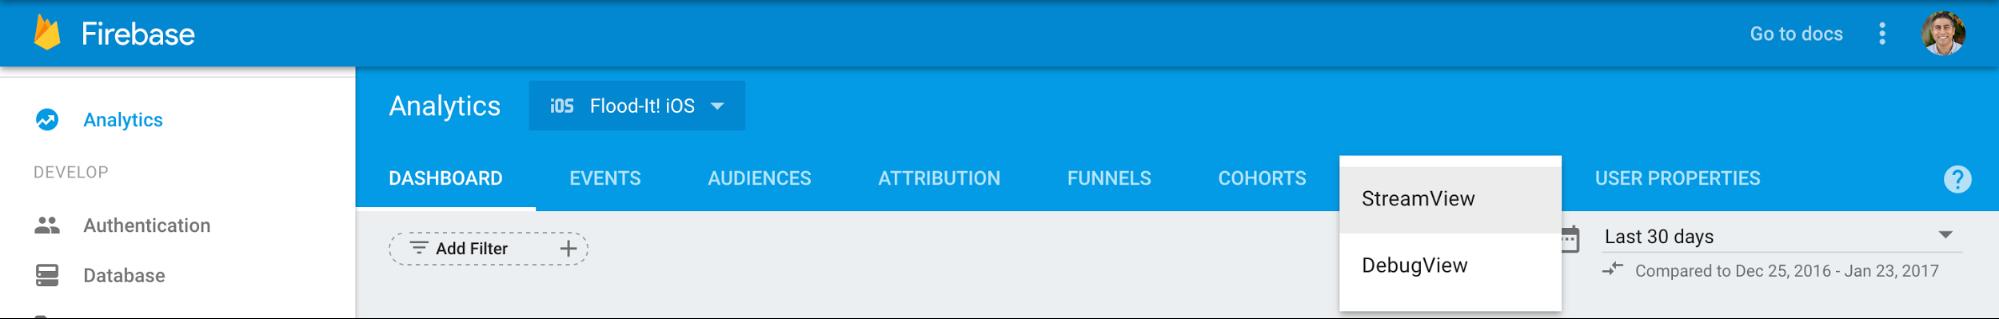 Buka DebugView dengan memilih tanda panah di samping StreamView pada nav teratas Google Analytics for Firebase lalu memilih DebugView.